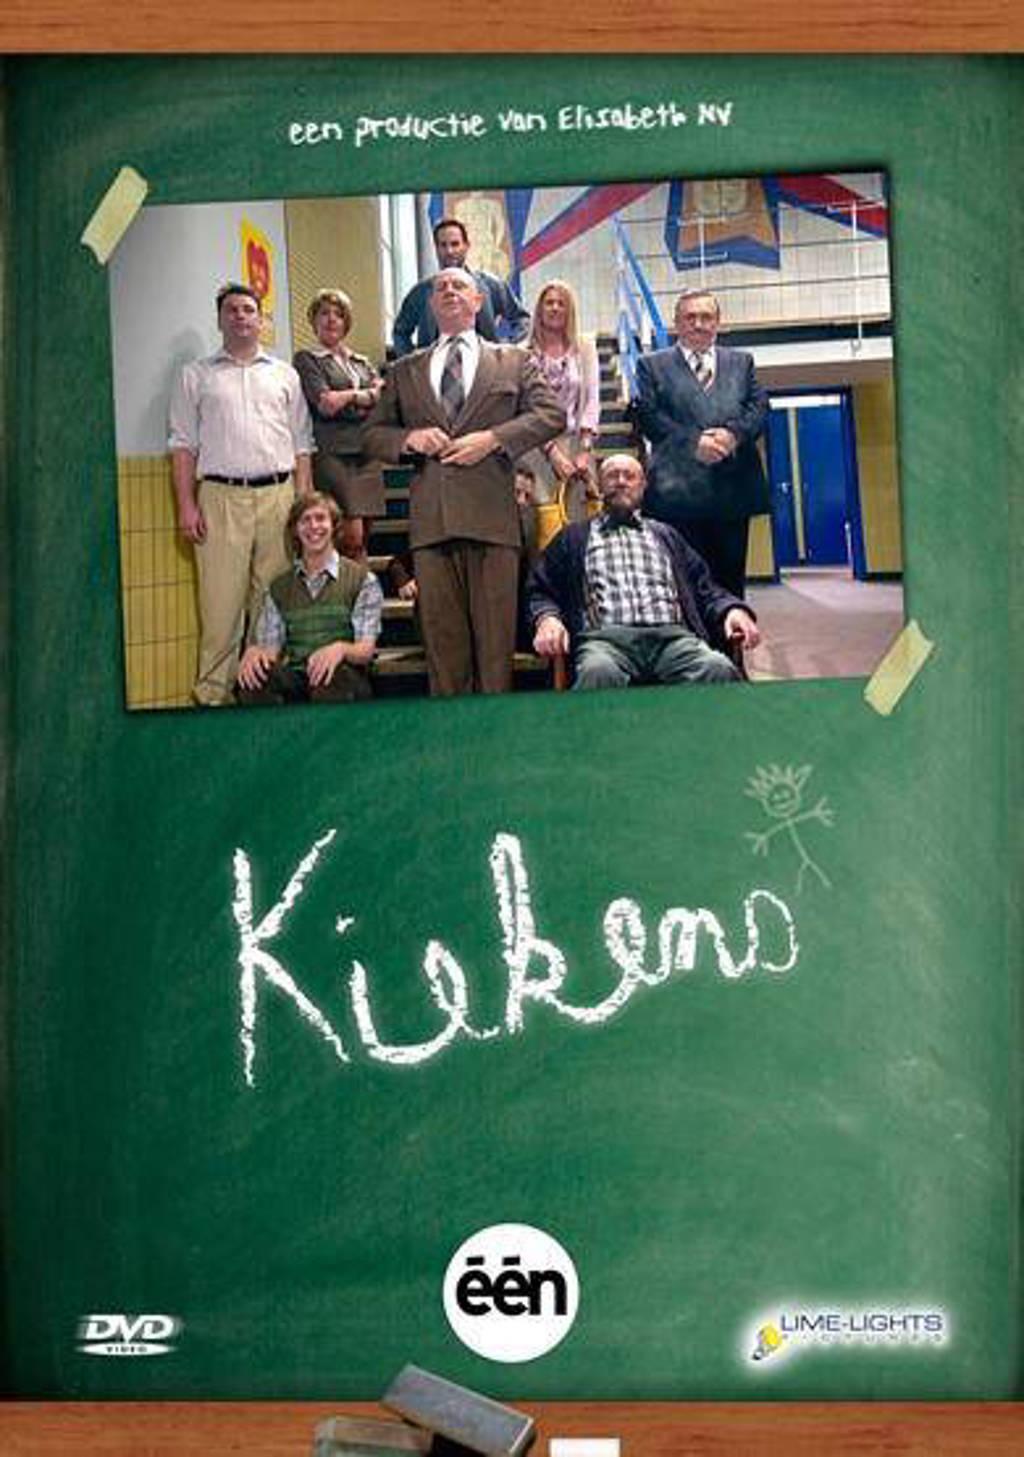 Kiekens (DVD)